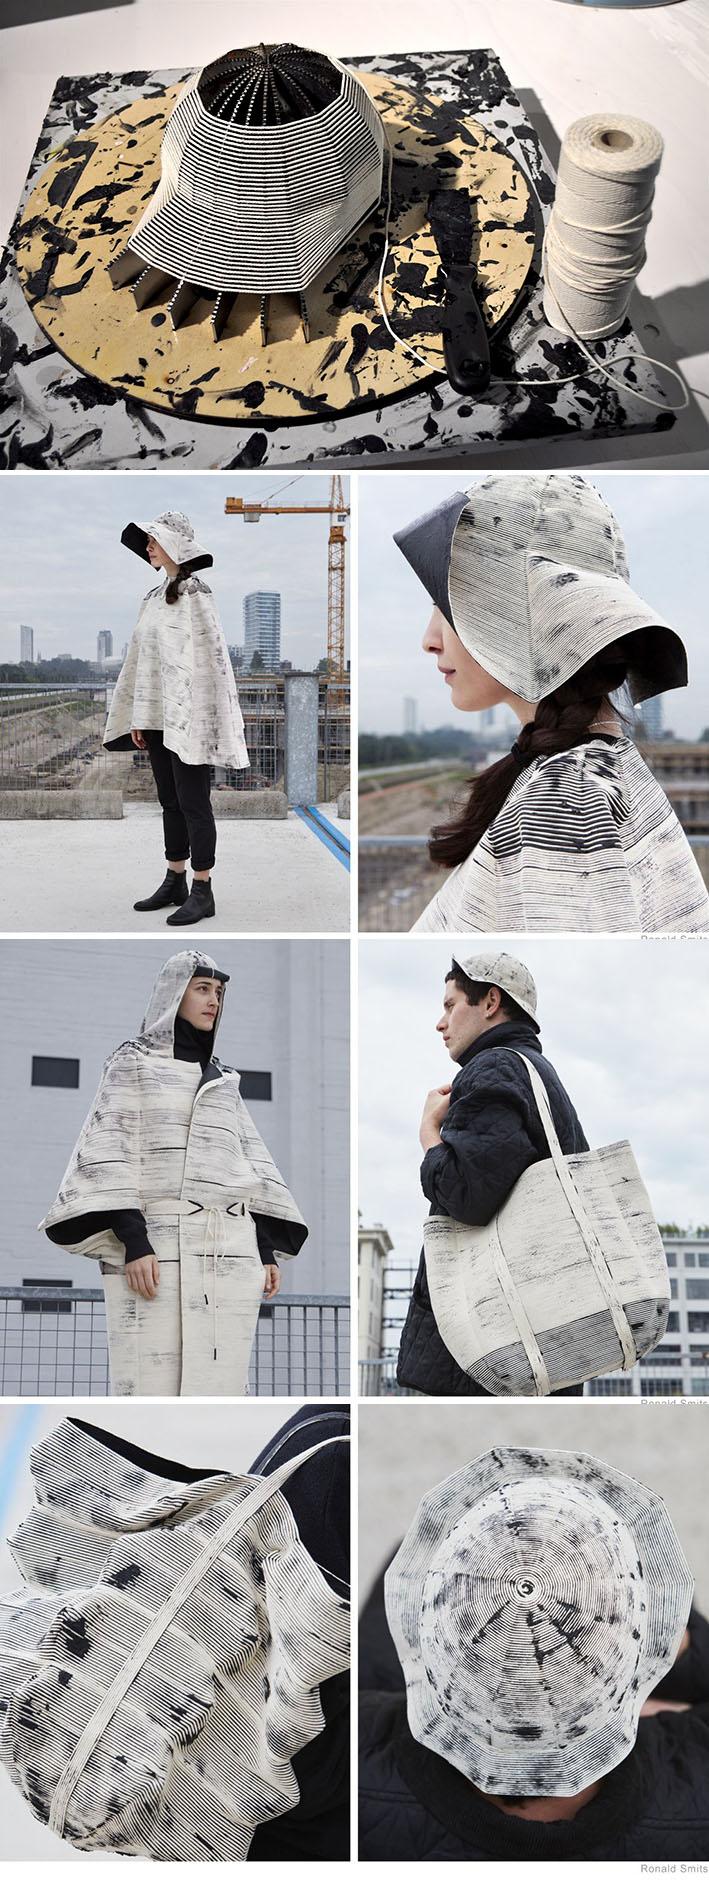 Regen : linha de vestuário impermeável feita sem sertecida, tricotada ou costurada  stylo urbano